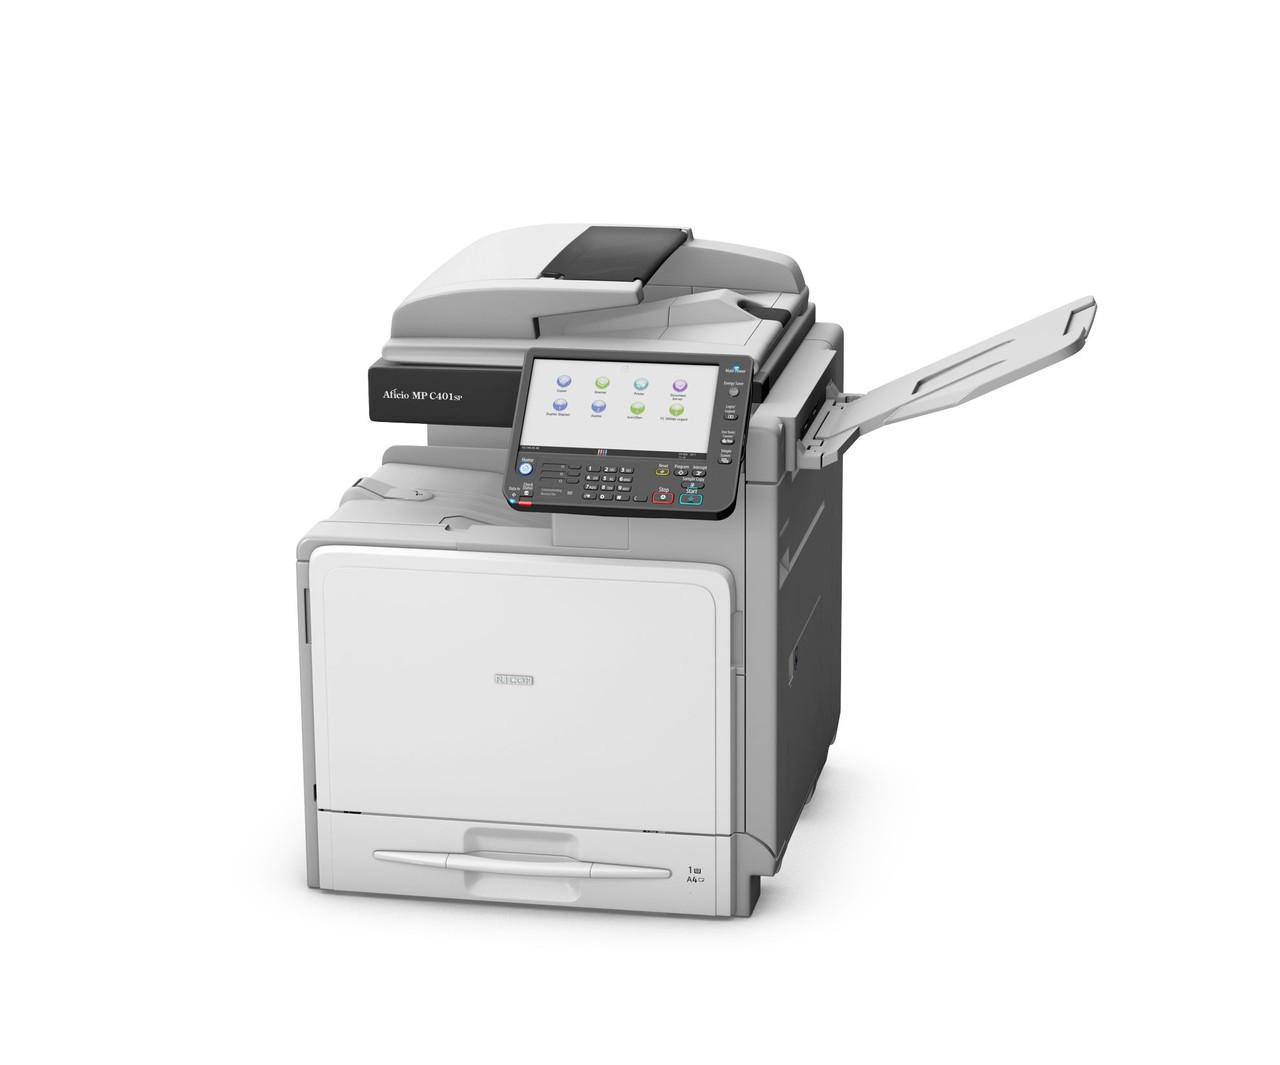 МФУ Ricoh MP C401SP высого качества. Цветной принтер/сканер/копир.